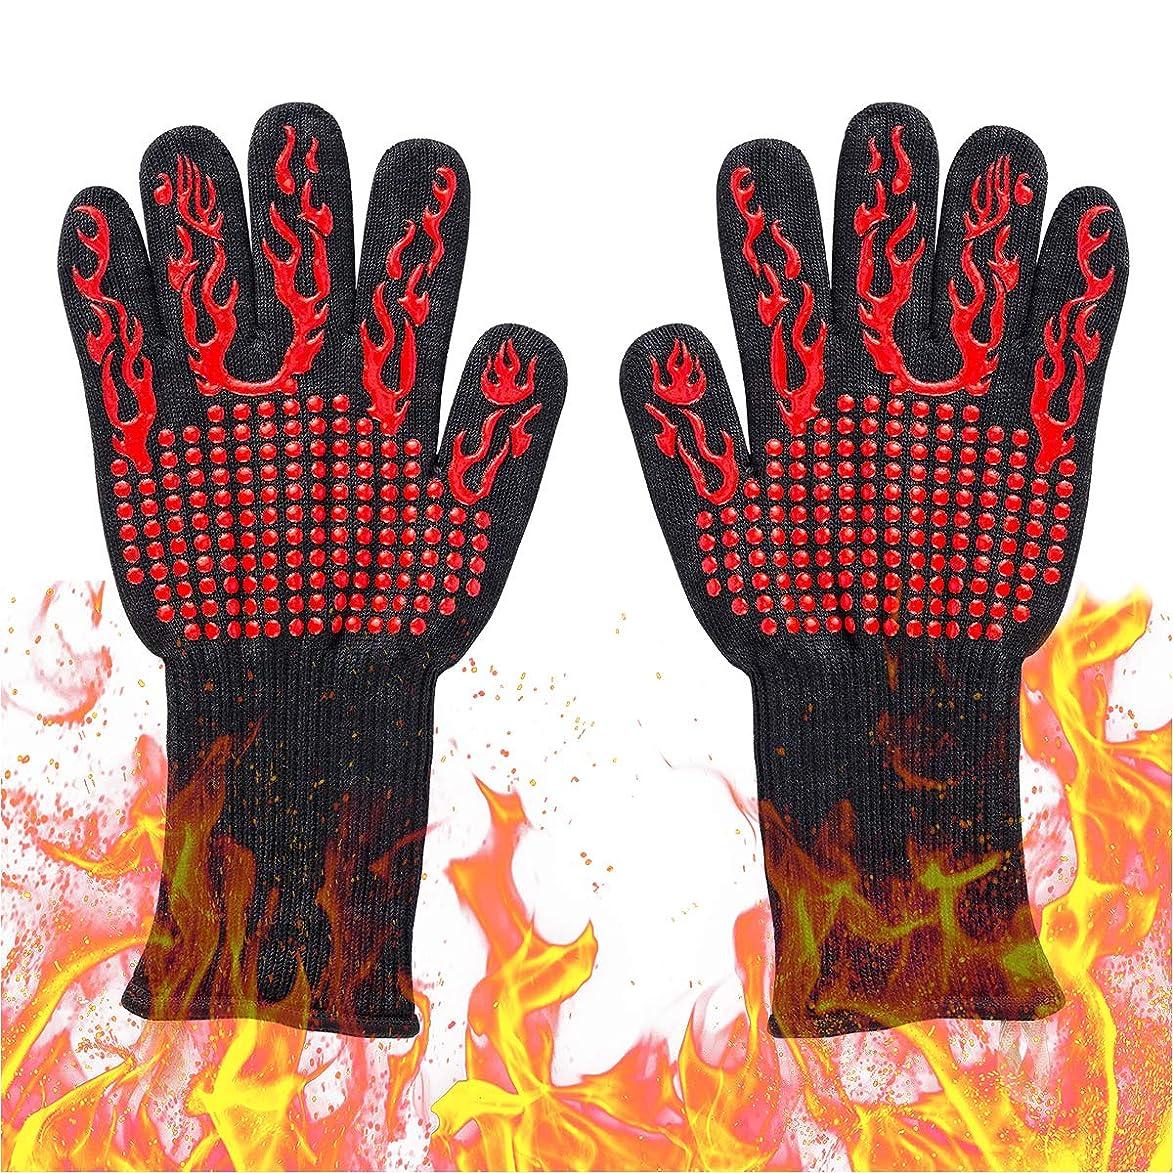 哲学的磨かれた消費PAMASE 耐熱グローブ キャンプ バーベキューグローブ 手袋 クッキンググローブ 耐熱温度800℃ 滑り止め 両手兼用 鍋掴み 料理用手袋 調理道具 BBQ/電子レンジ/オーブンに最適 2枚セット